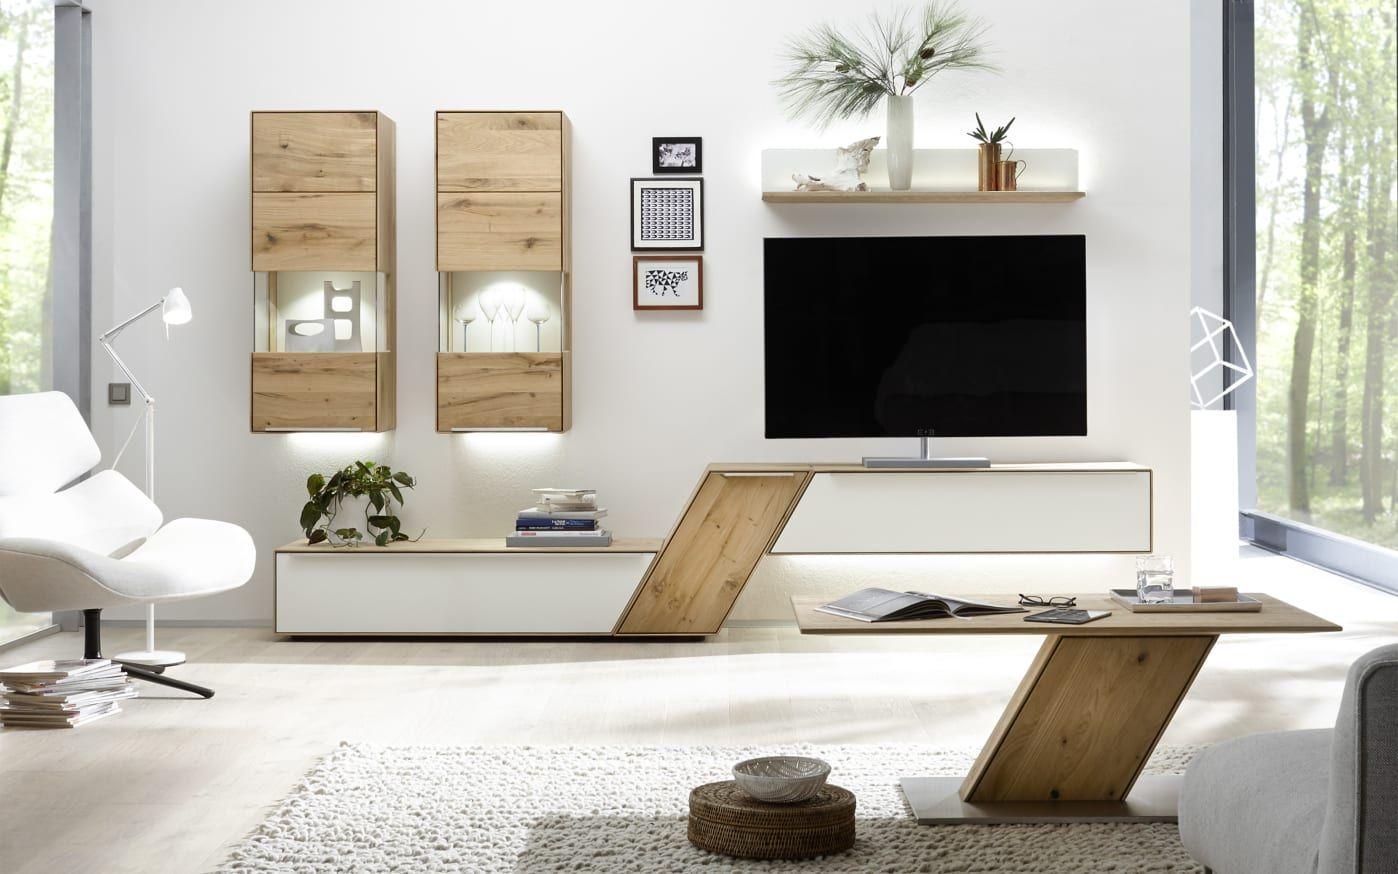 Wohnwand Ramos In Asteiche Massiv Bianco Geburstet Online Bei Hardeck Kaufen In 2020 Wohnen Wohnzimmer Tv Und Wohnwand Nussbaum